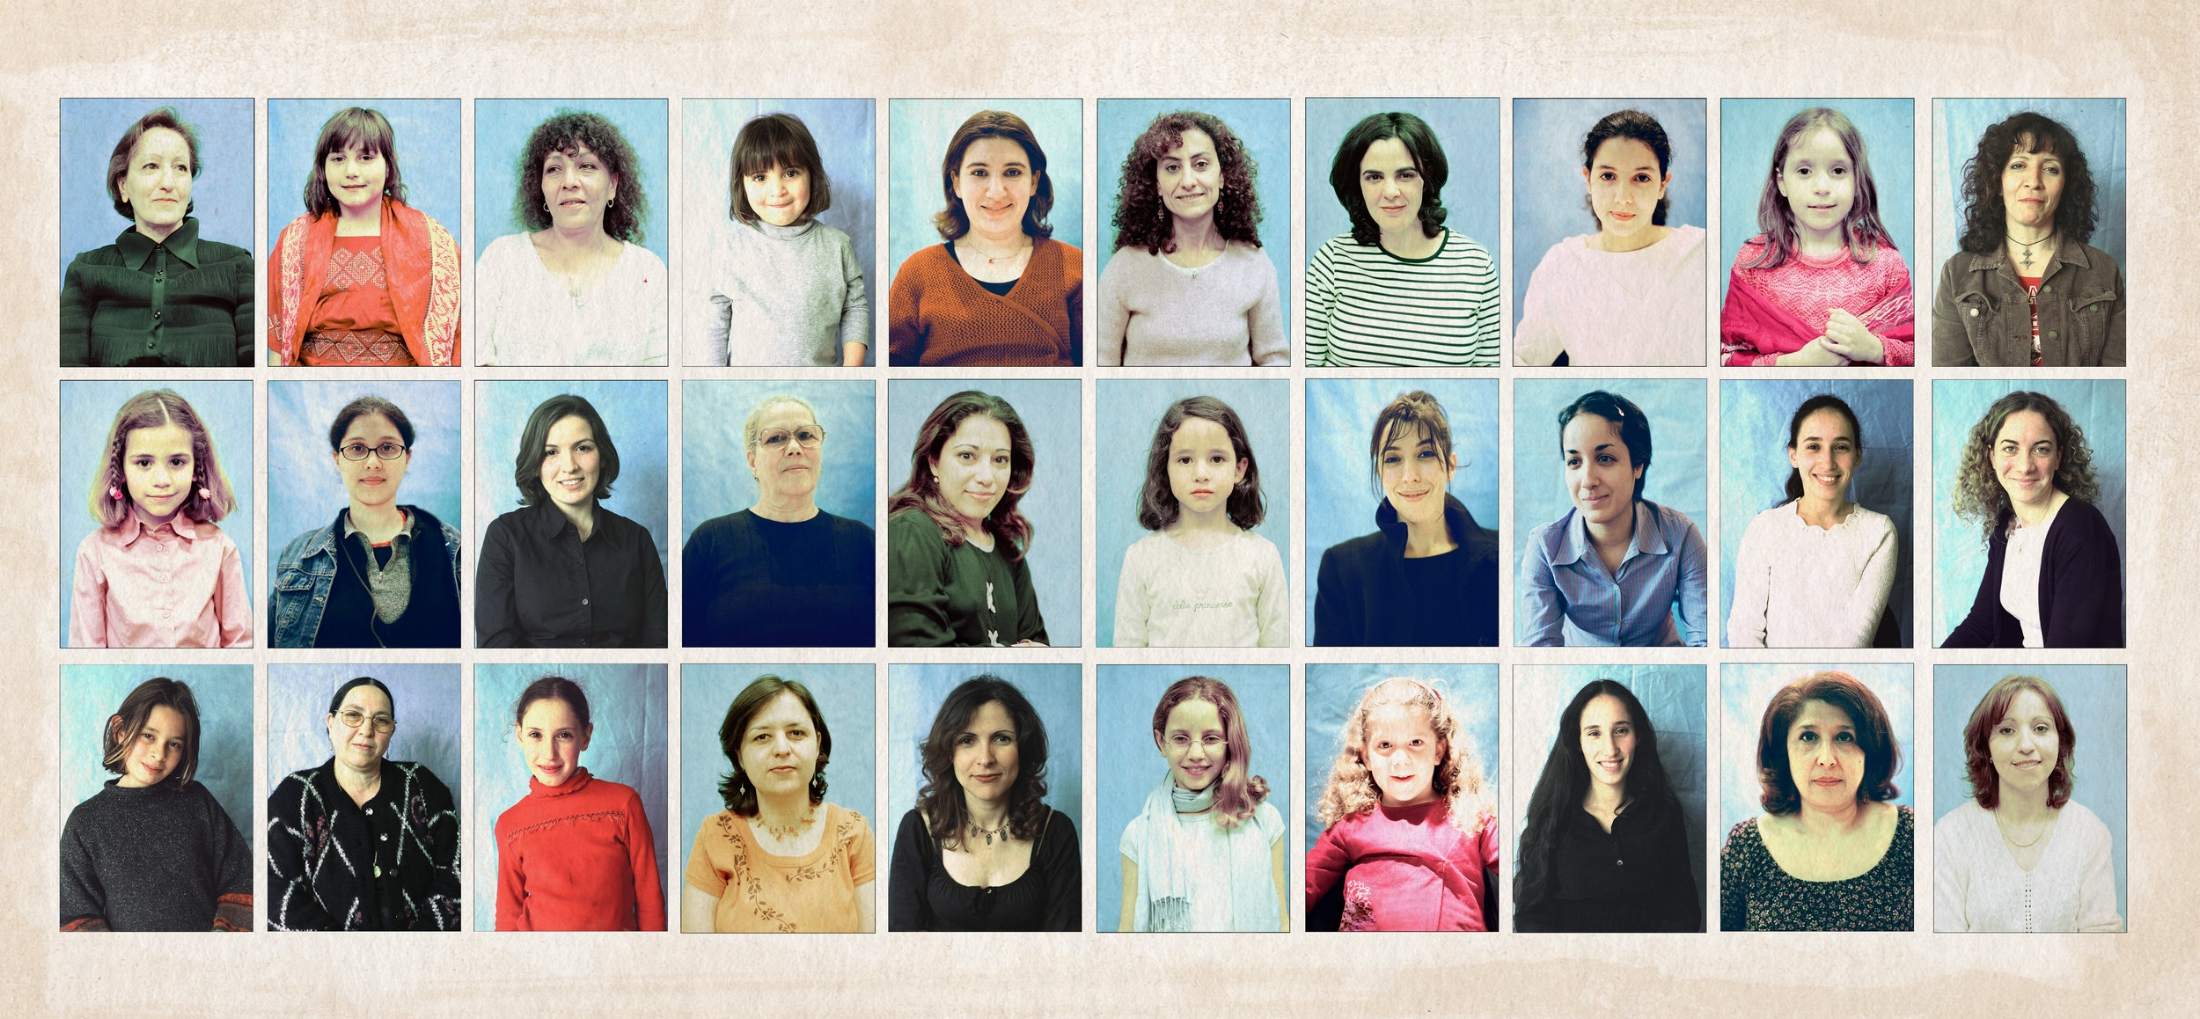 L'année de l'Algérie en France, Djazaïr, (2003) était un prétexte pour cette série de portrait. Il n'y a pas d'année officielle pour porter ces origines.  C'est pour cette raison que j'ai voulu rencontrer des femmes de tout âge, pour montrer que l'appartenance à un pays est présente à jamais. On le porte au fond de soi-même et à travers les ans. Ce projet est apolitique mais engagé, pour parler de la valeur de la femme issue d'une origine commune mais différentes les unes des autres.